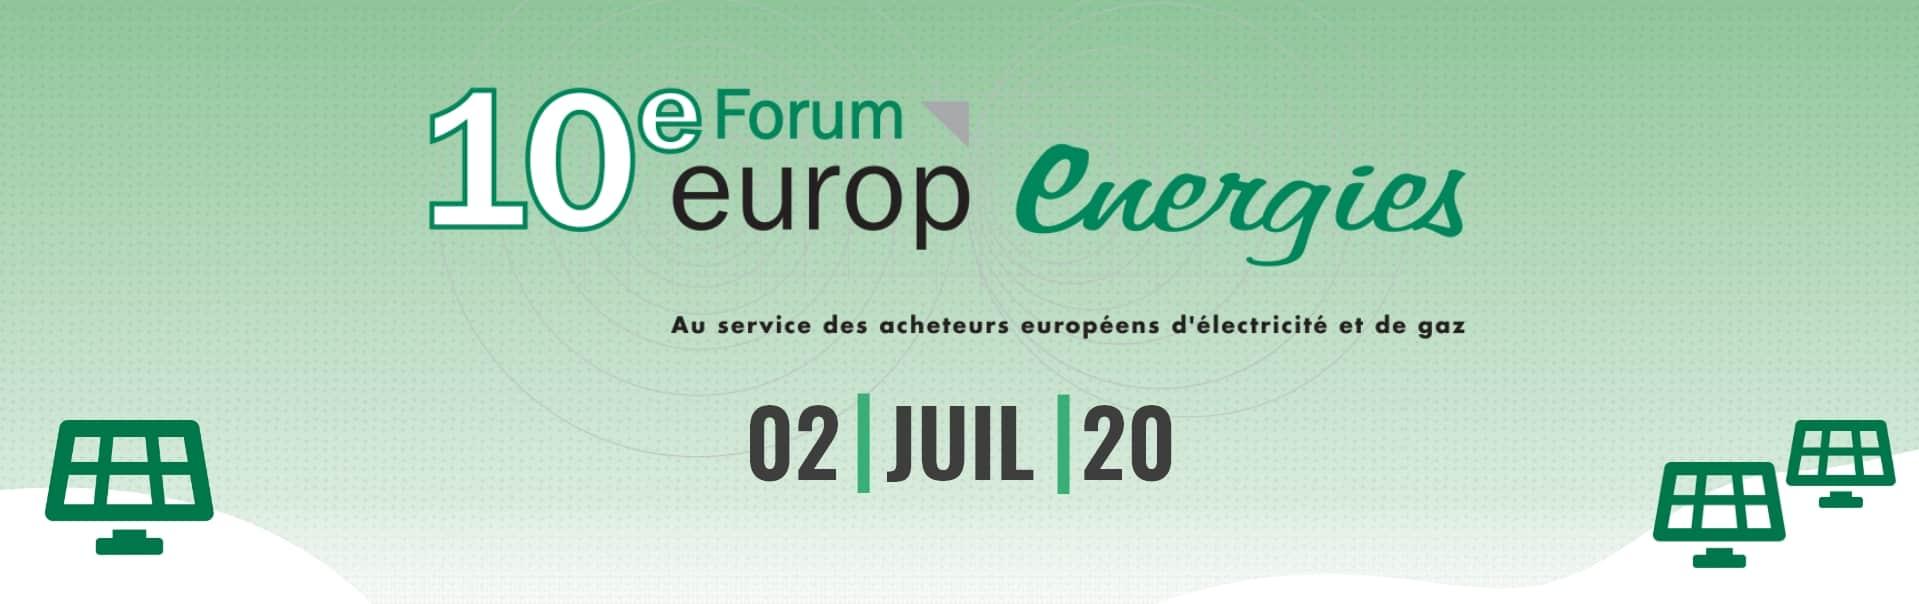 forum europ'energies